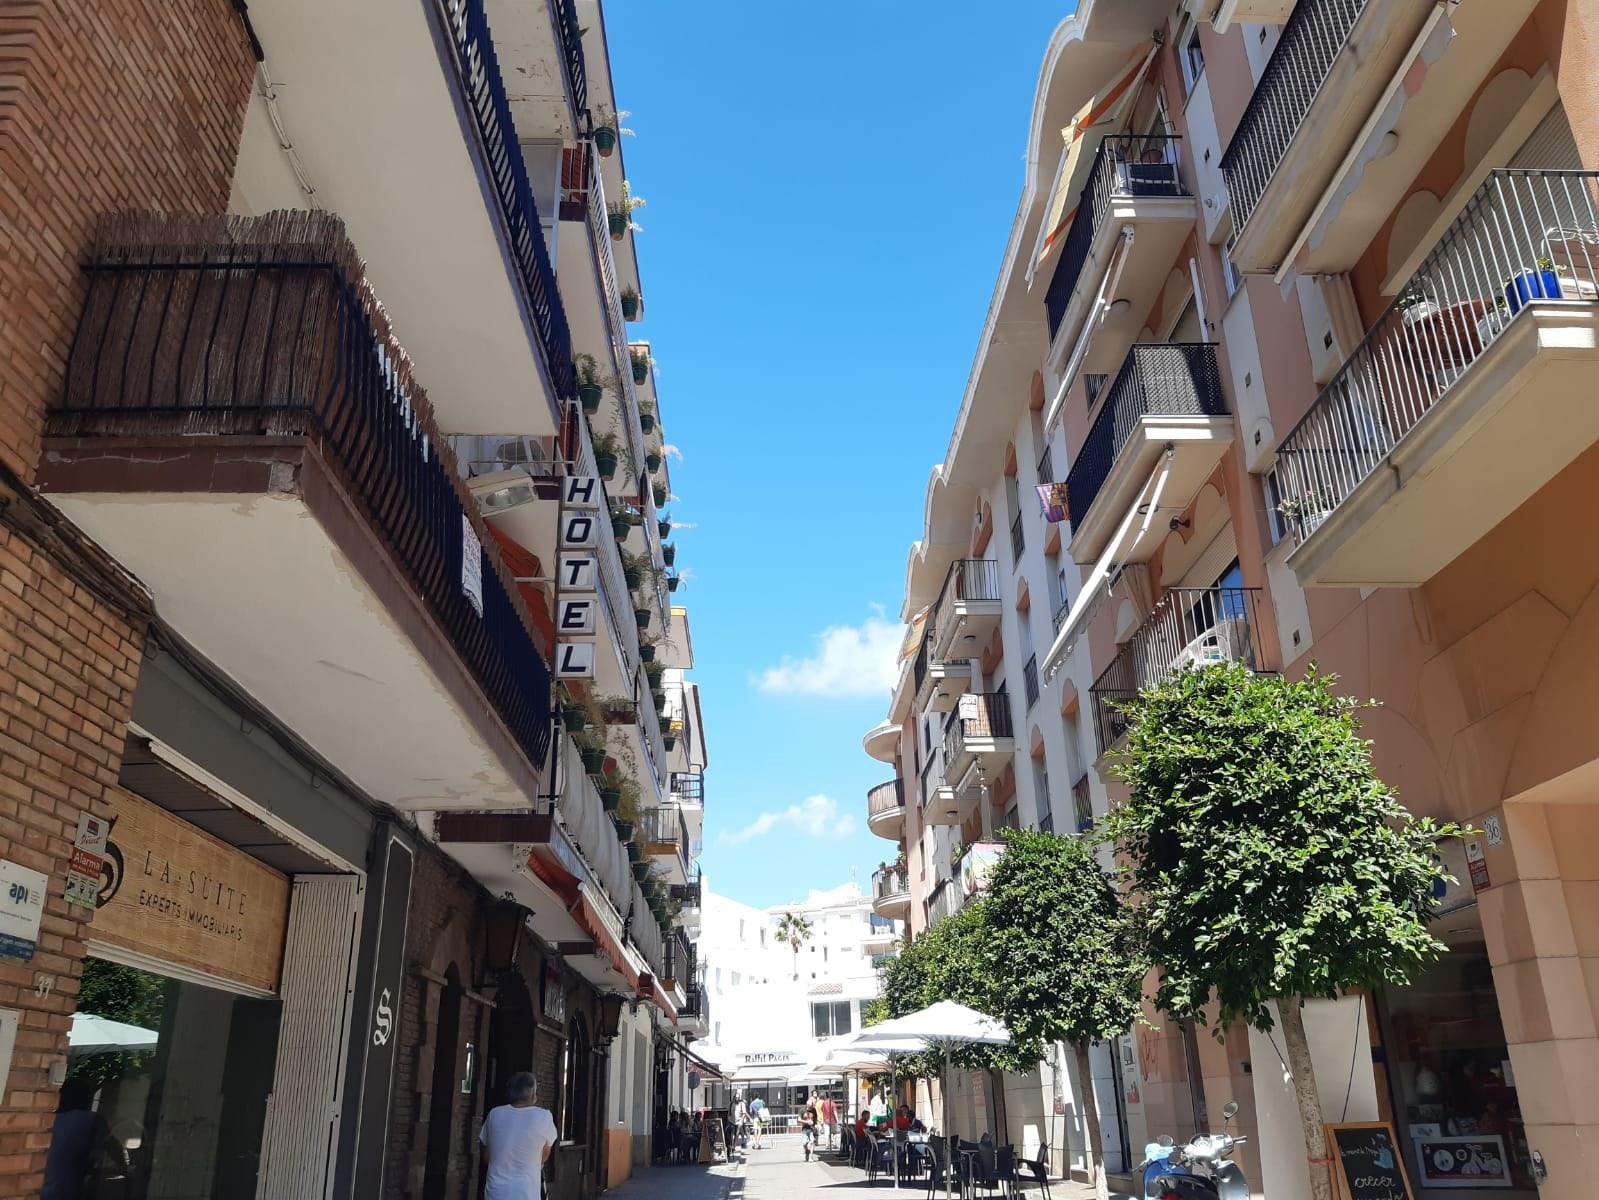 L'Ajuntament inicia els pagaments de les ajudes al lloguer d'habitatges